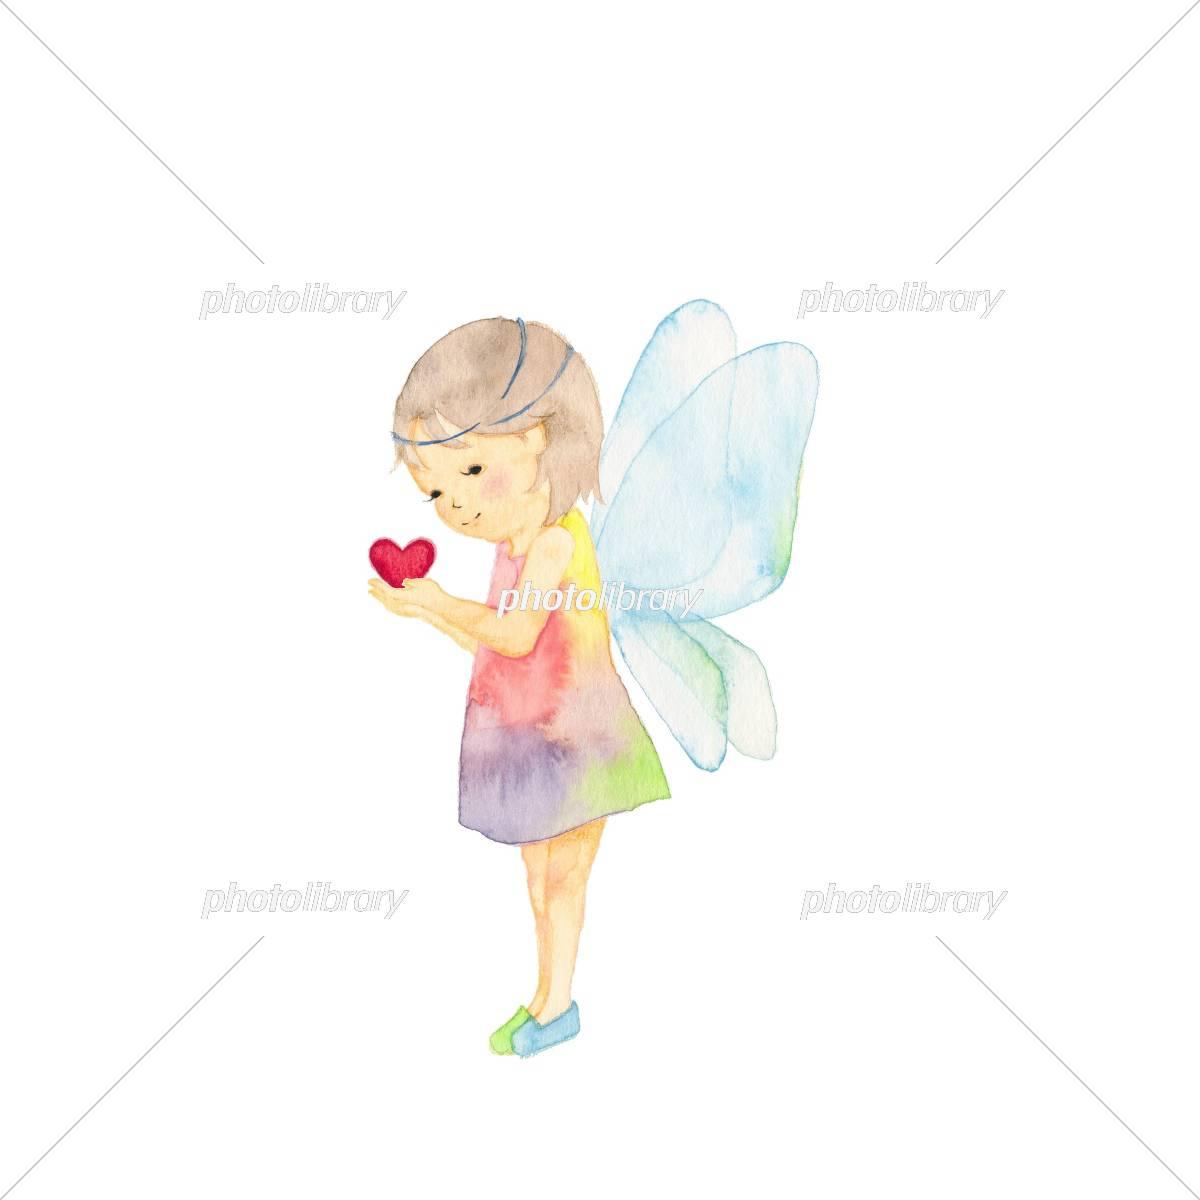 天使の羽根 小さな女の子 ハート イラスト素材 5416459 フォト